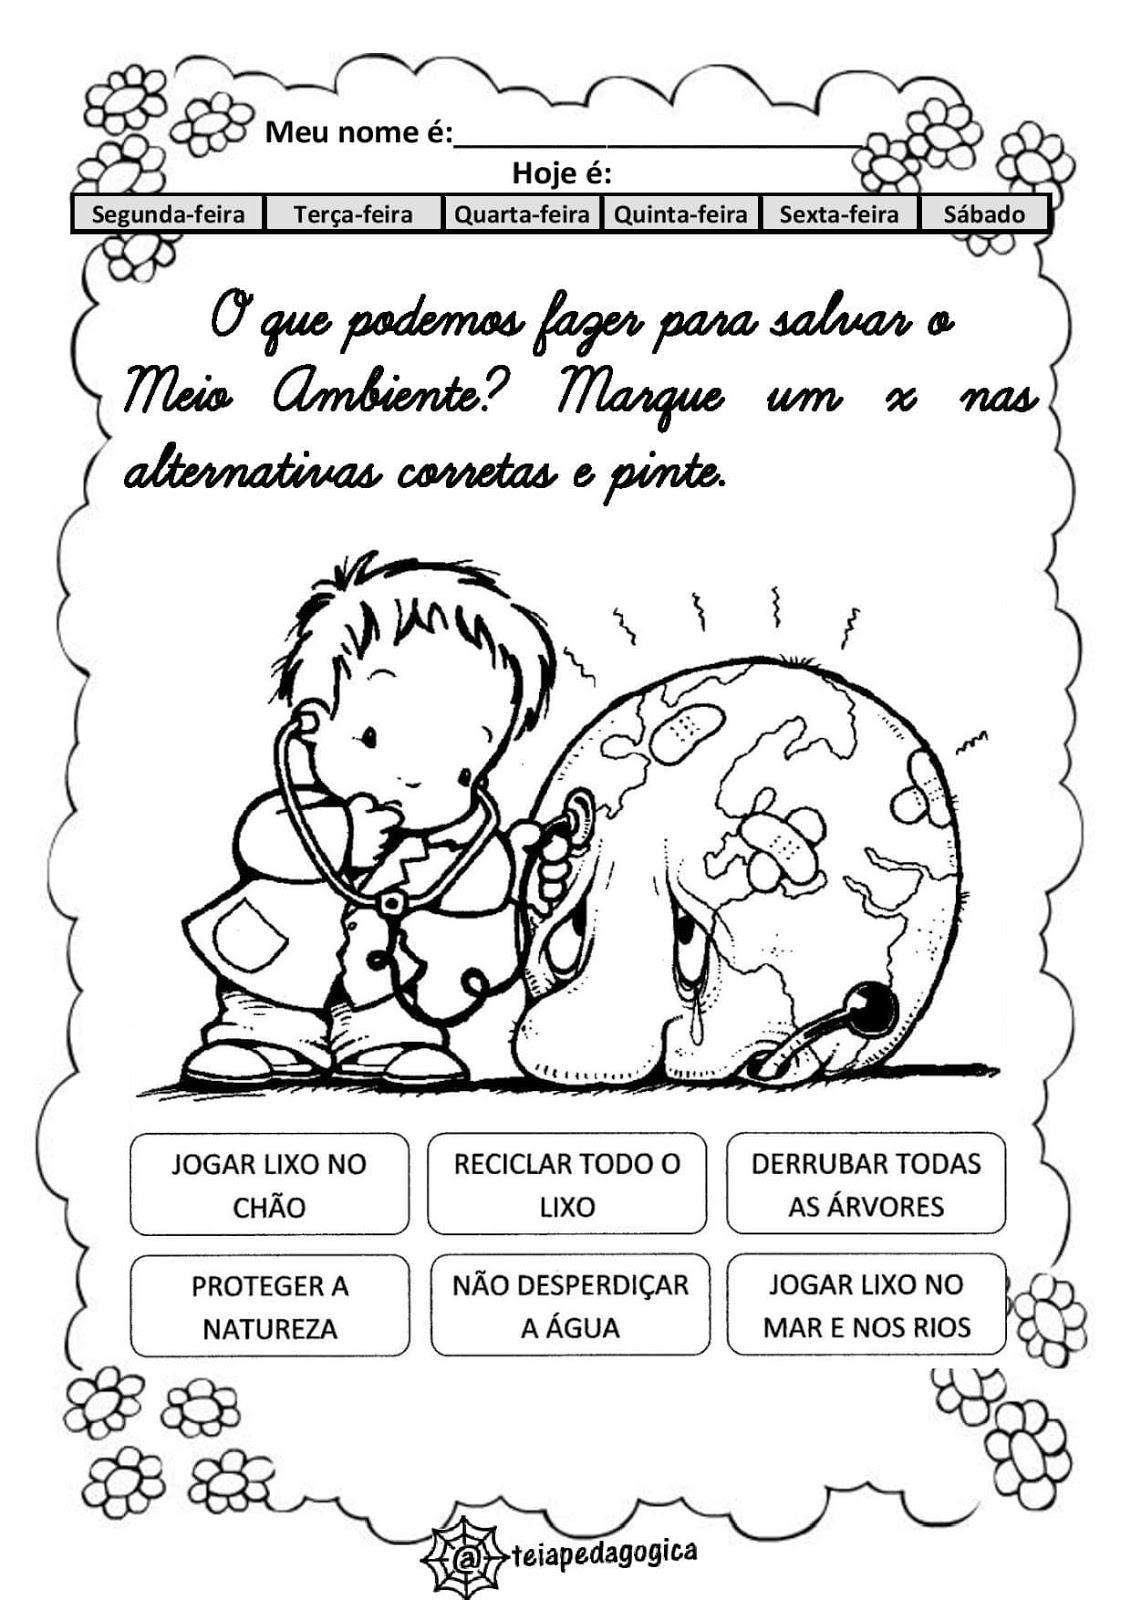 Caderno%2BMeio%2Bambiente%2BA%2BARVORE%2BGENEROSA-page-019-min Atividades sobre Meio Ambiente